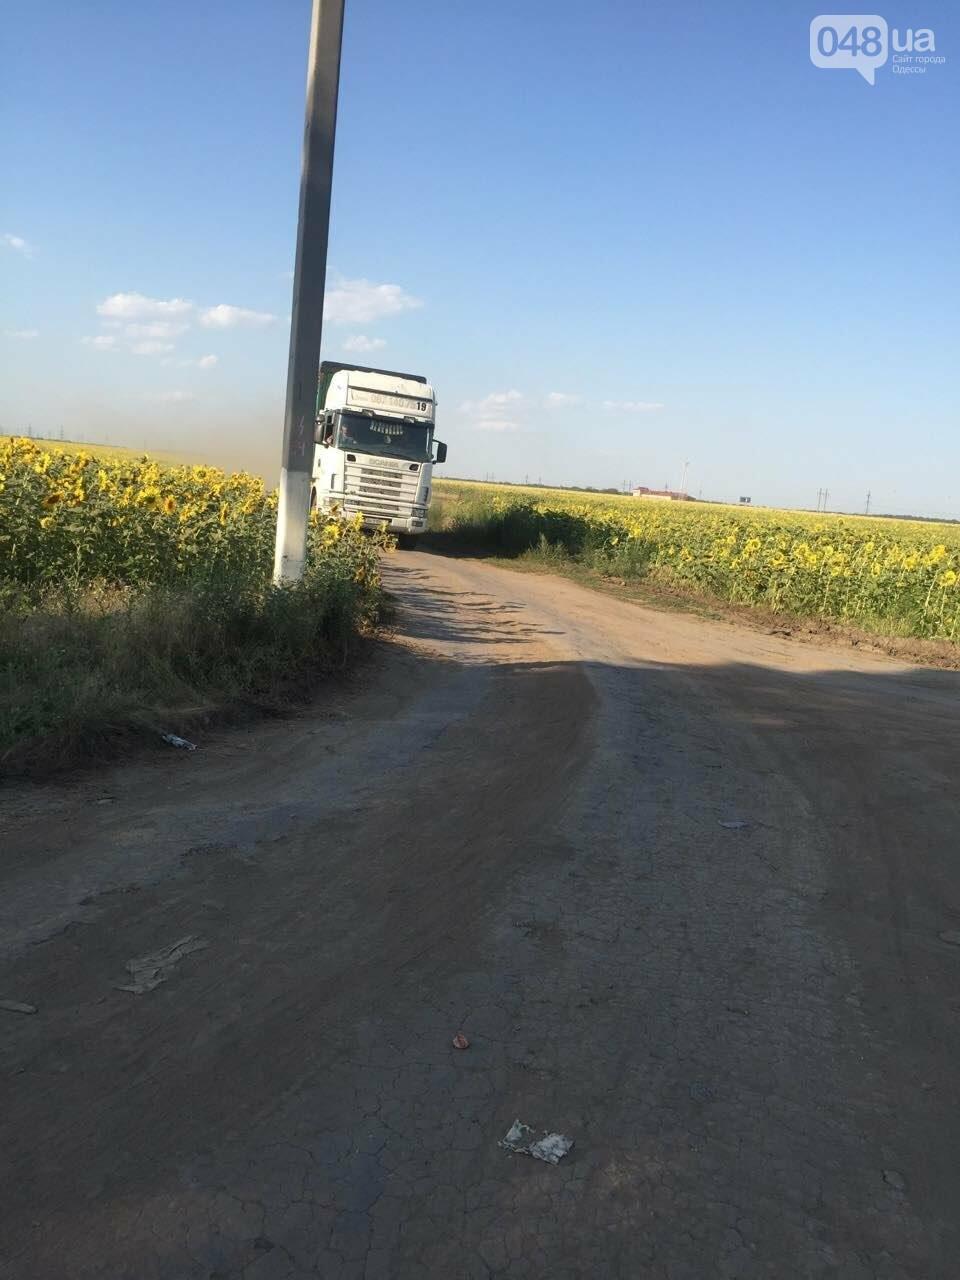 Из-за километров стоящих фур одесситы въезжают в город по полям (ФОТО), фото-6